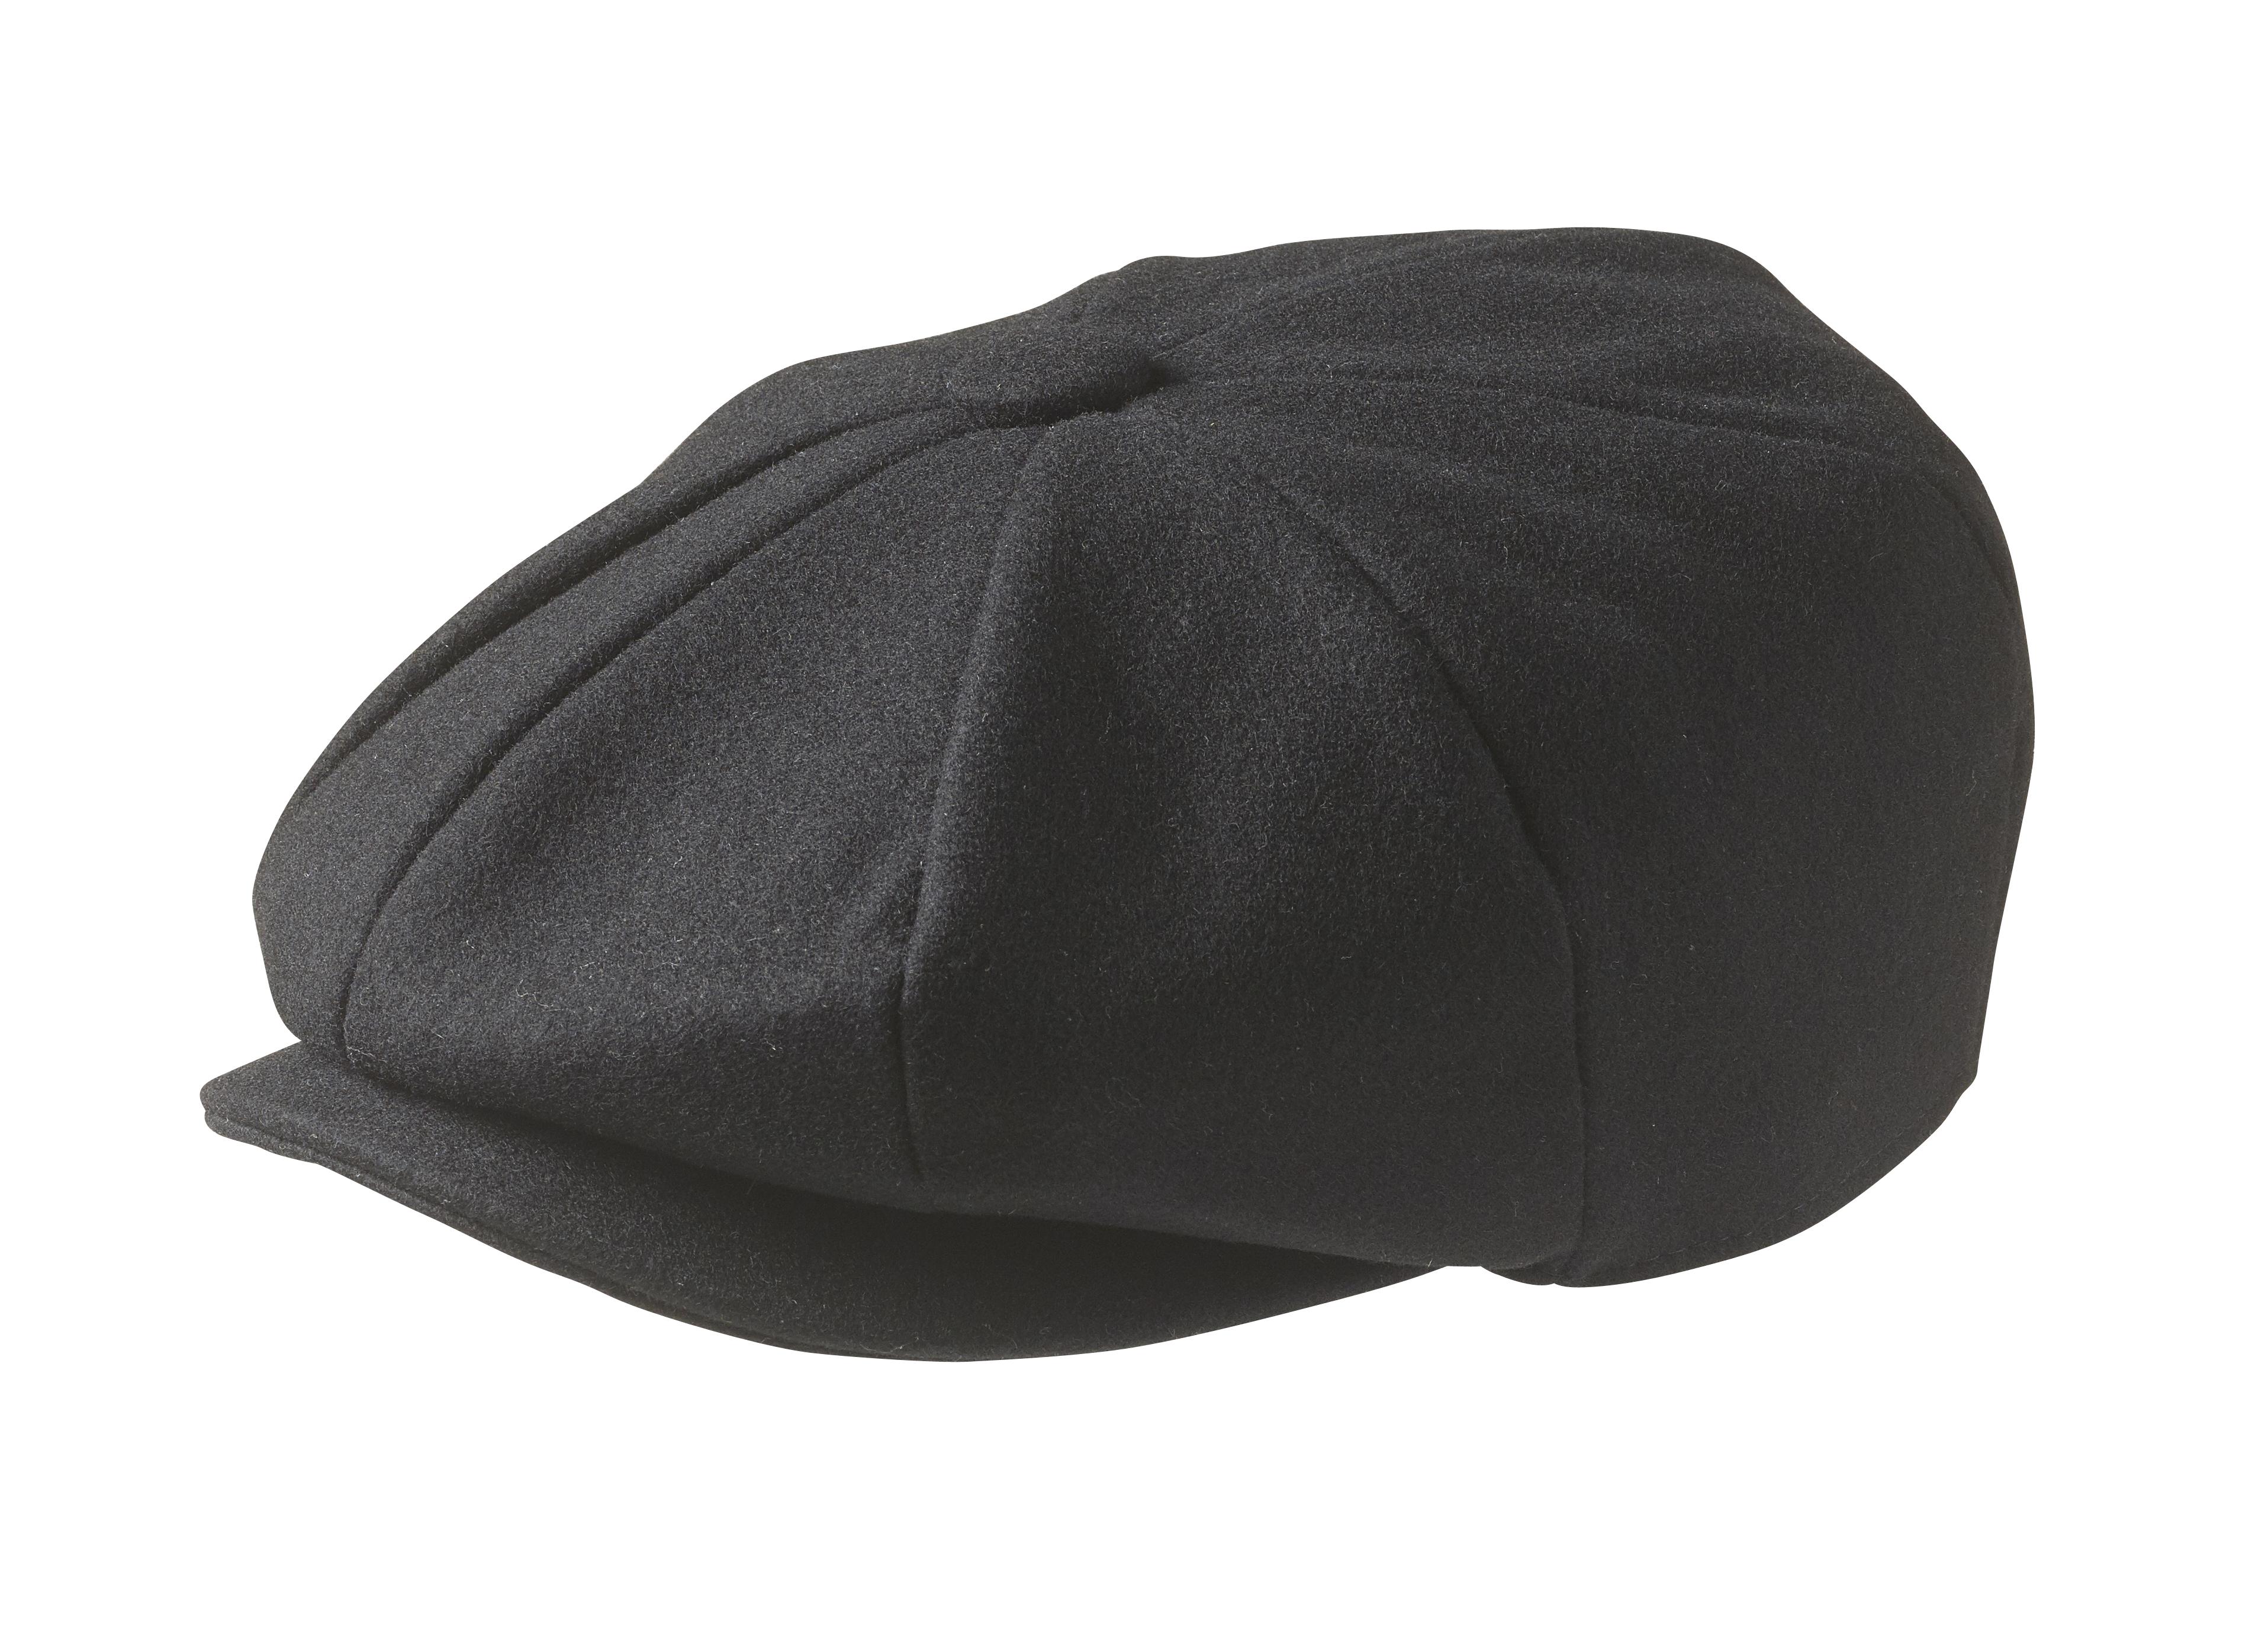 Peaky Blinders 100% Melton Wool - Black Newsboy Cap d8031a6e7c8